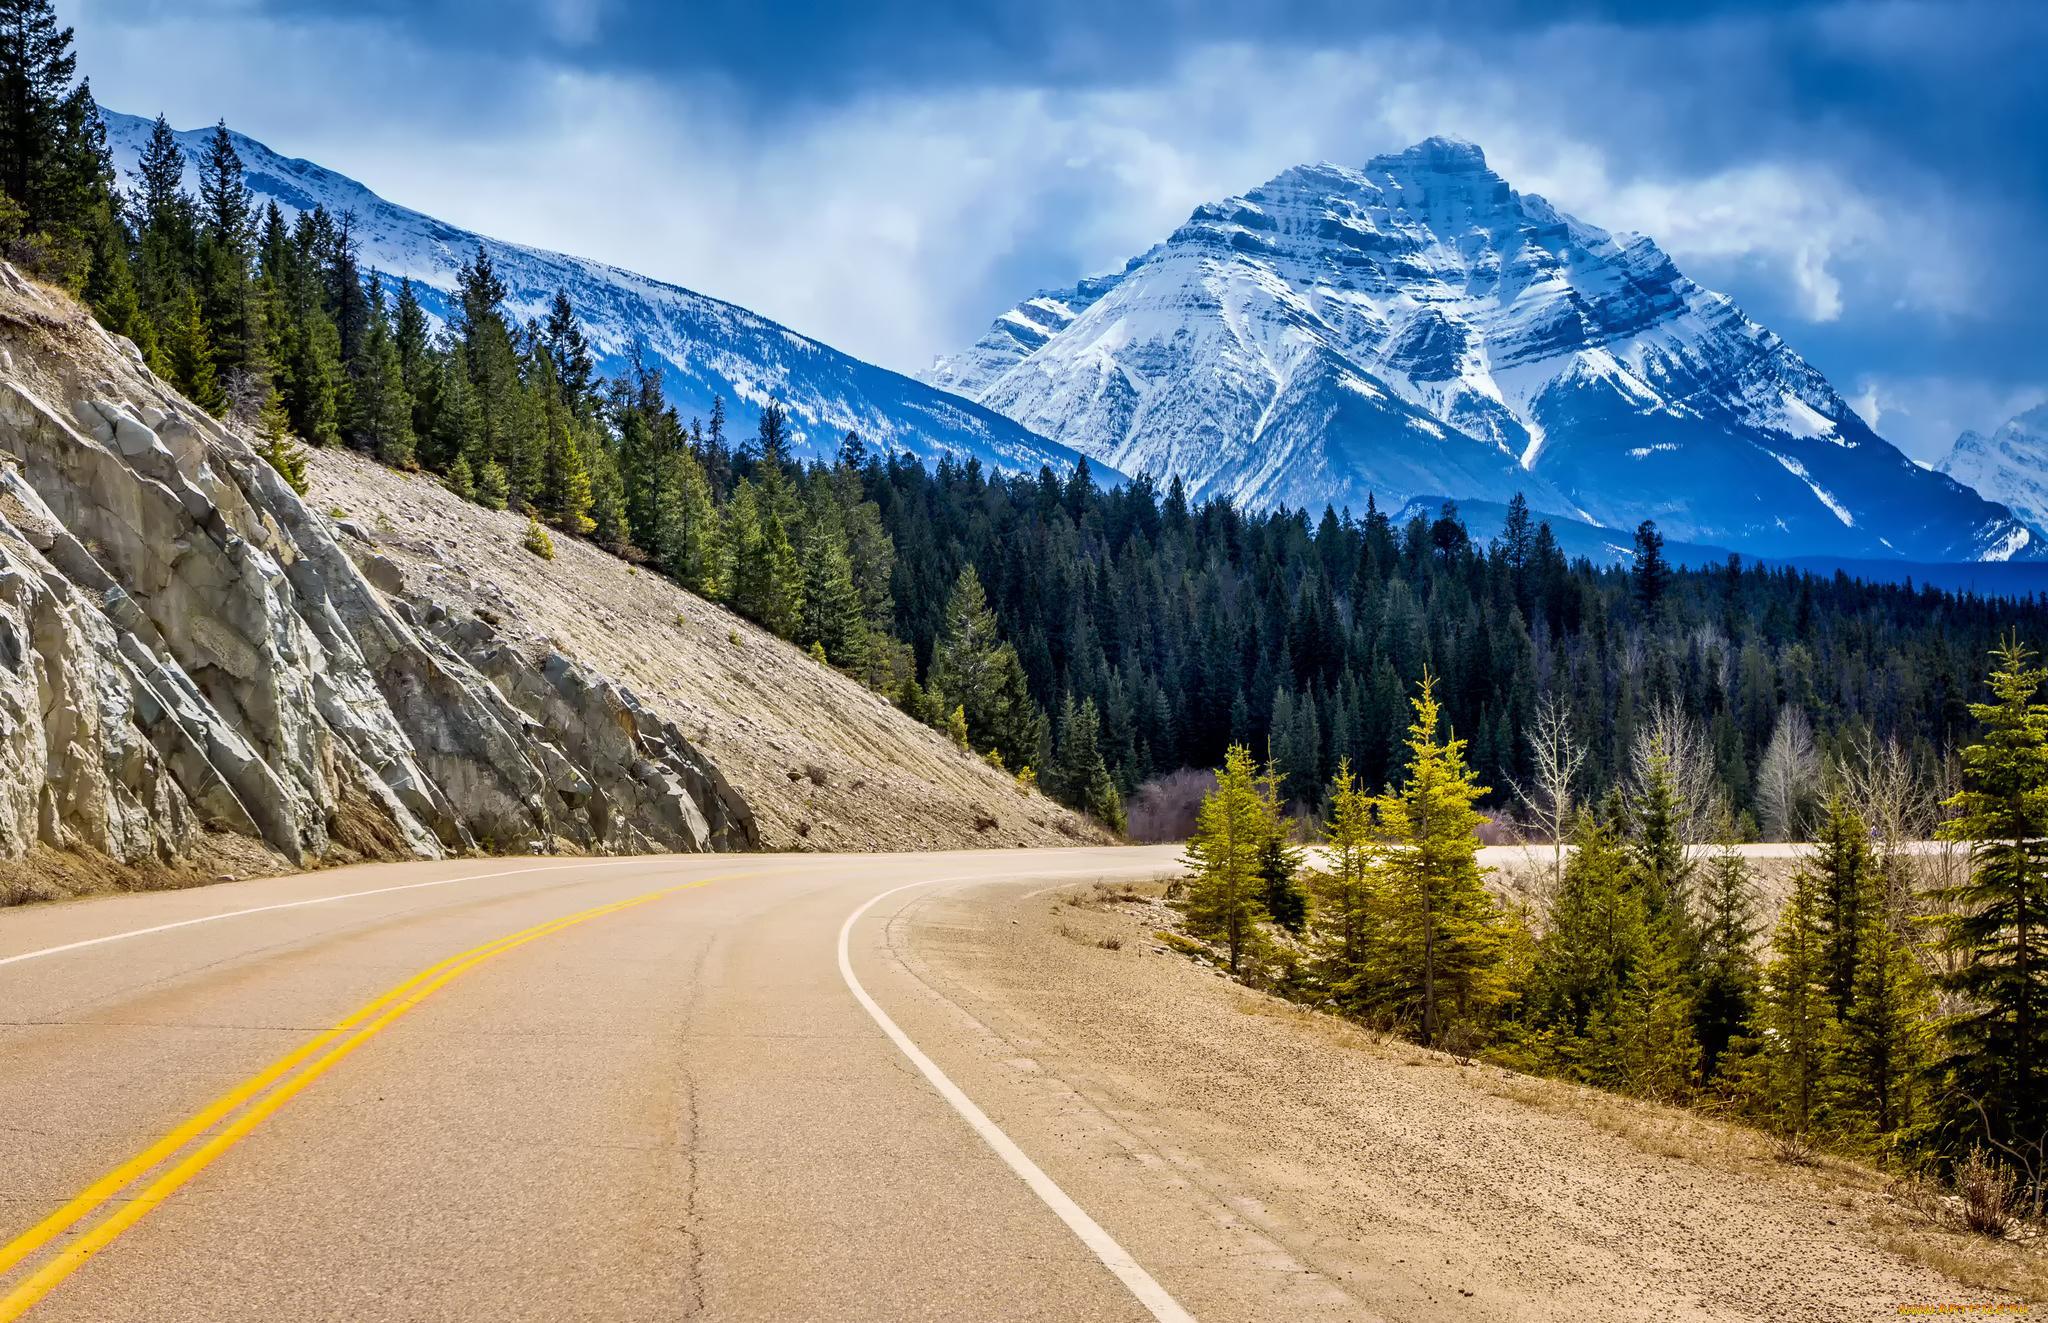 дорога лучи озеро горы без смс